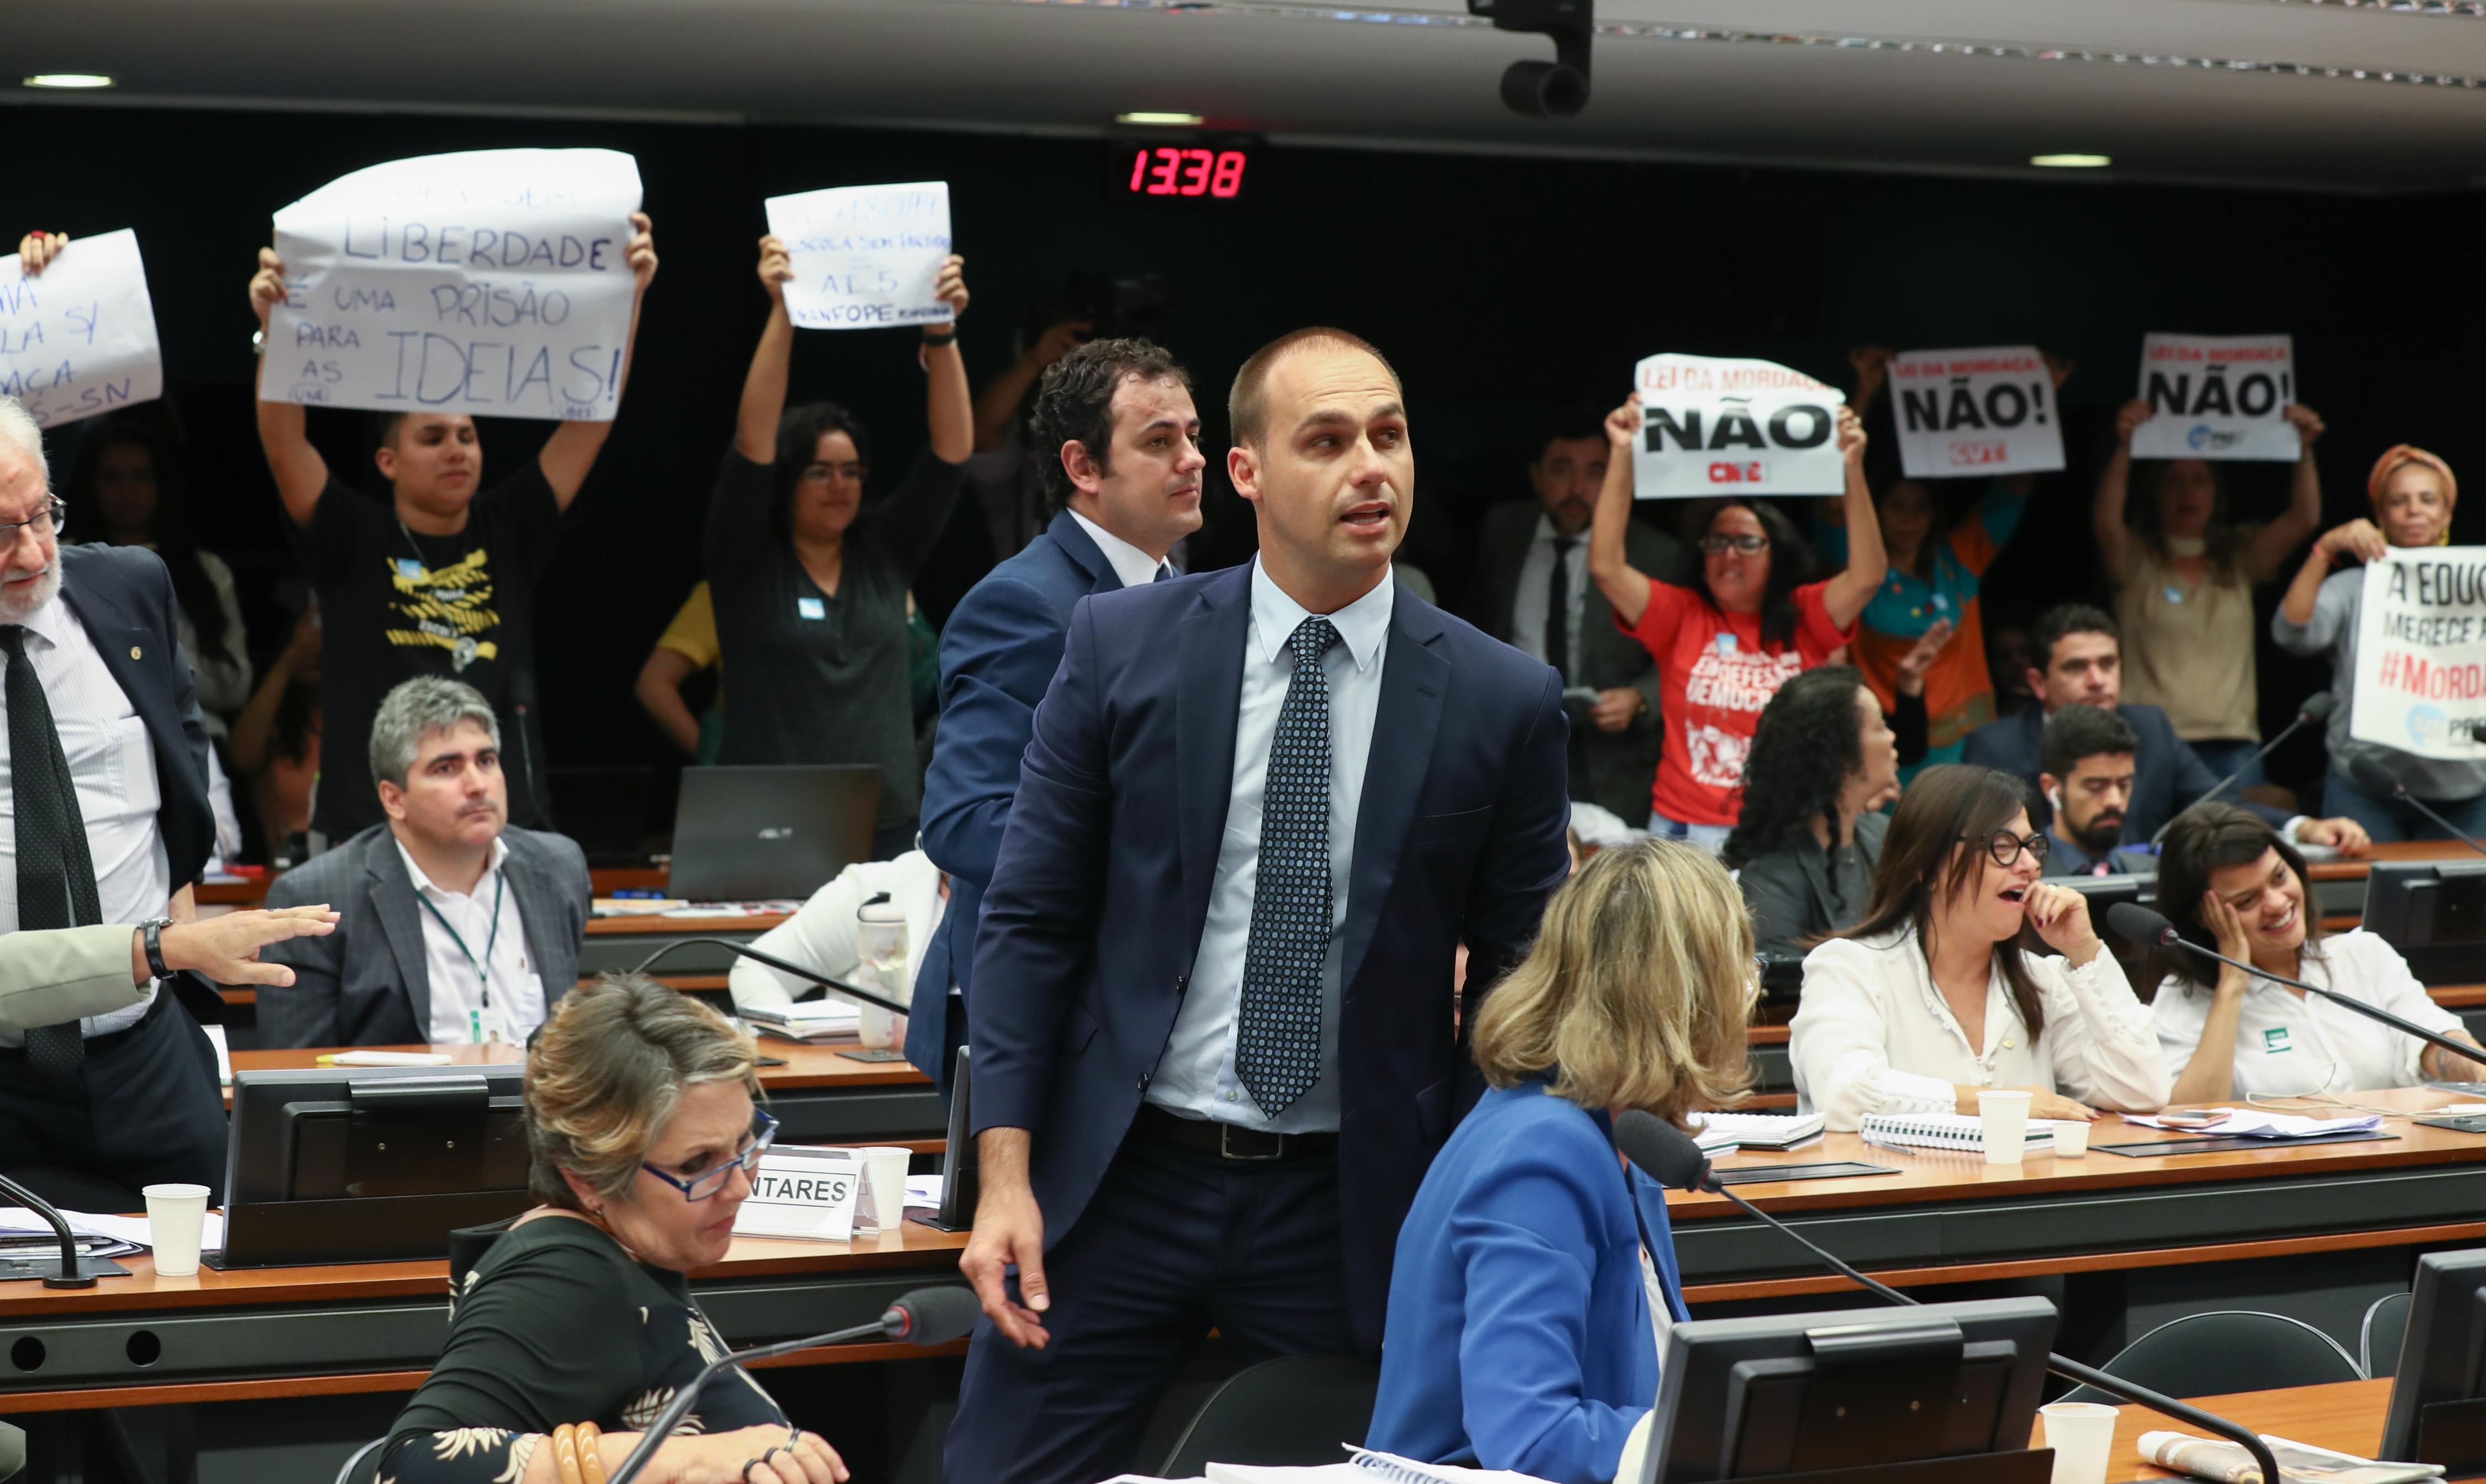 Vitória: Votação do Projeto Escola Sem Partido não acontece e proposta é arquivada